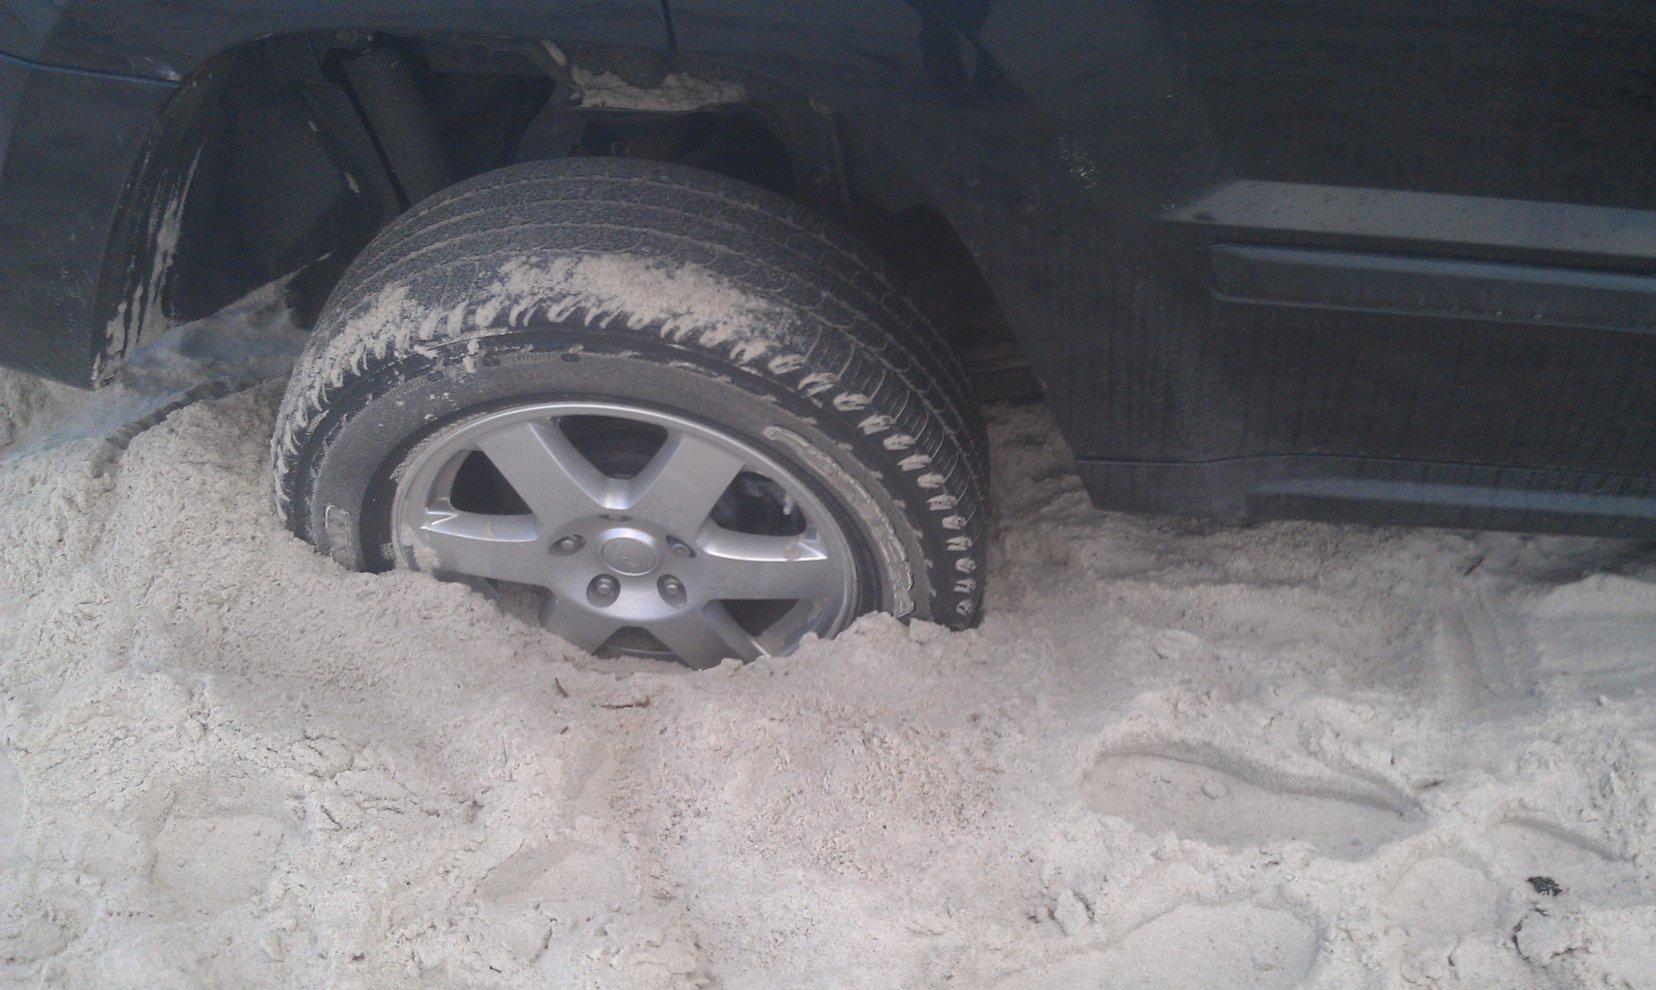 jeep-stuck-tire-1-.jpg